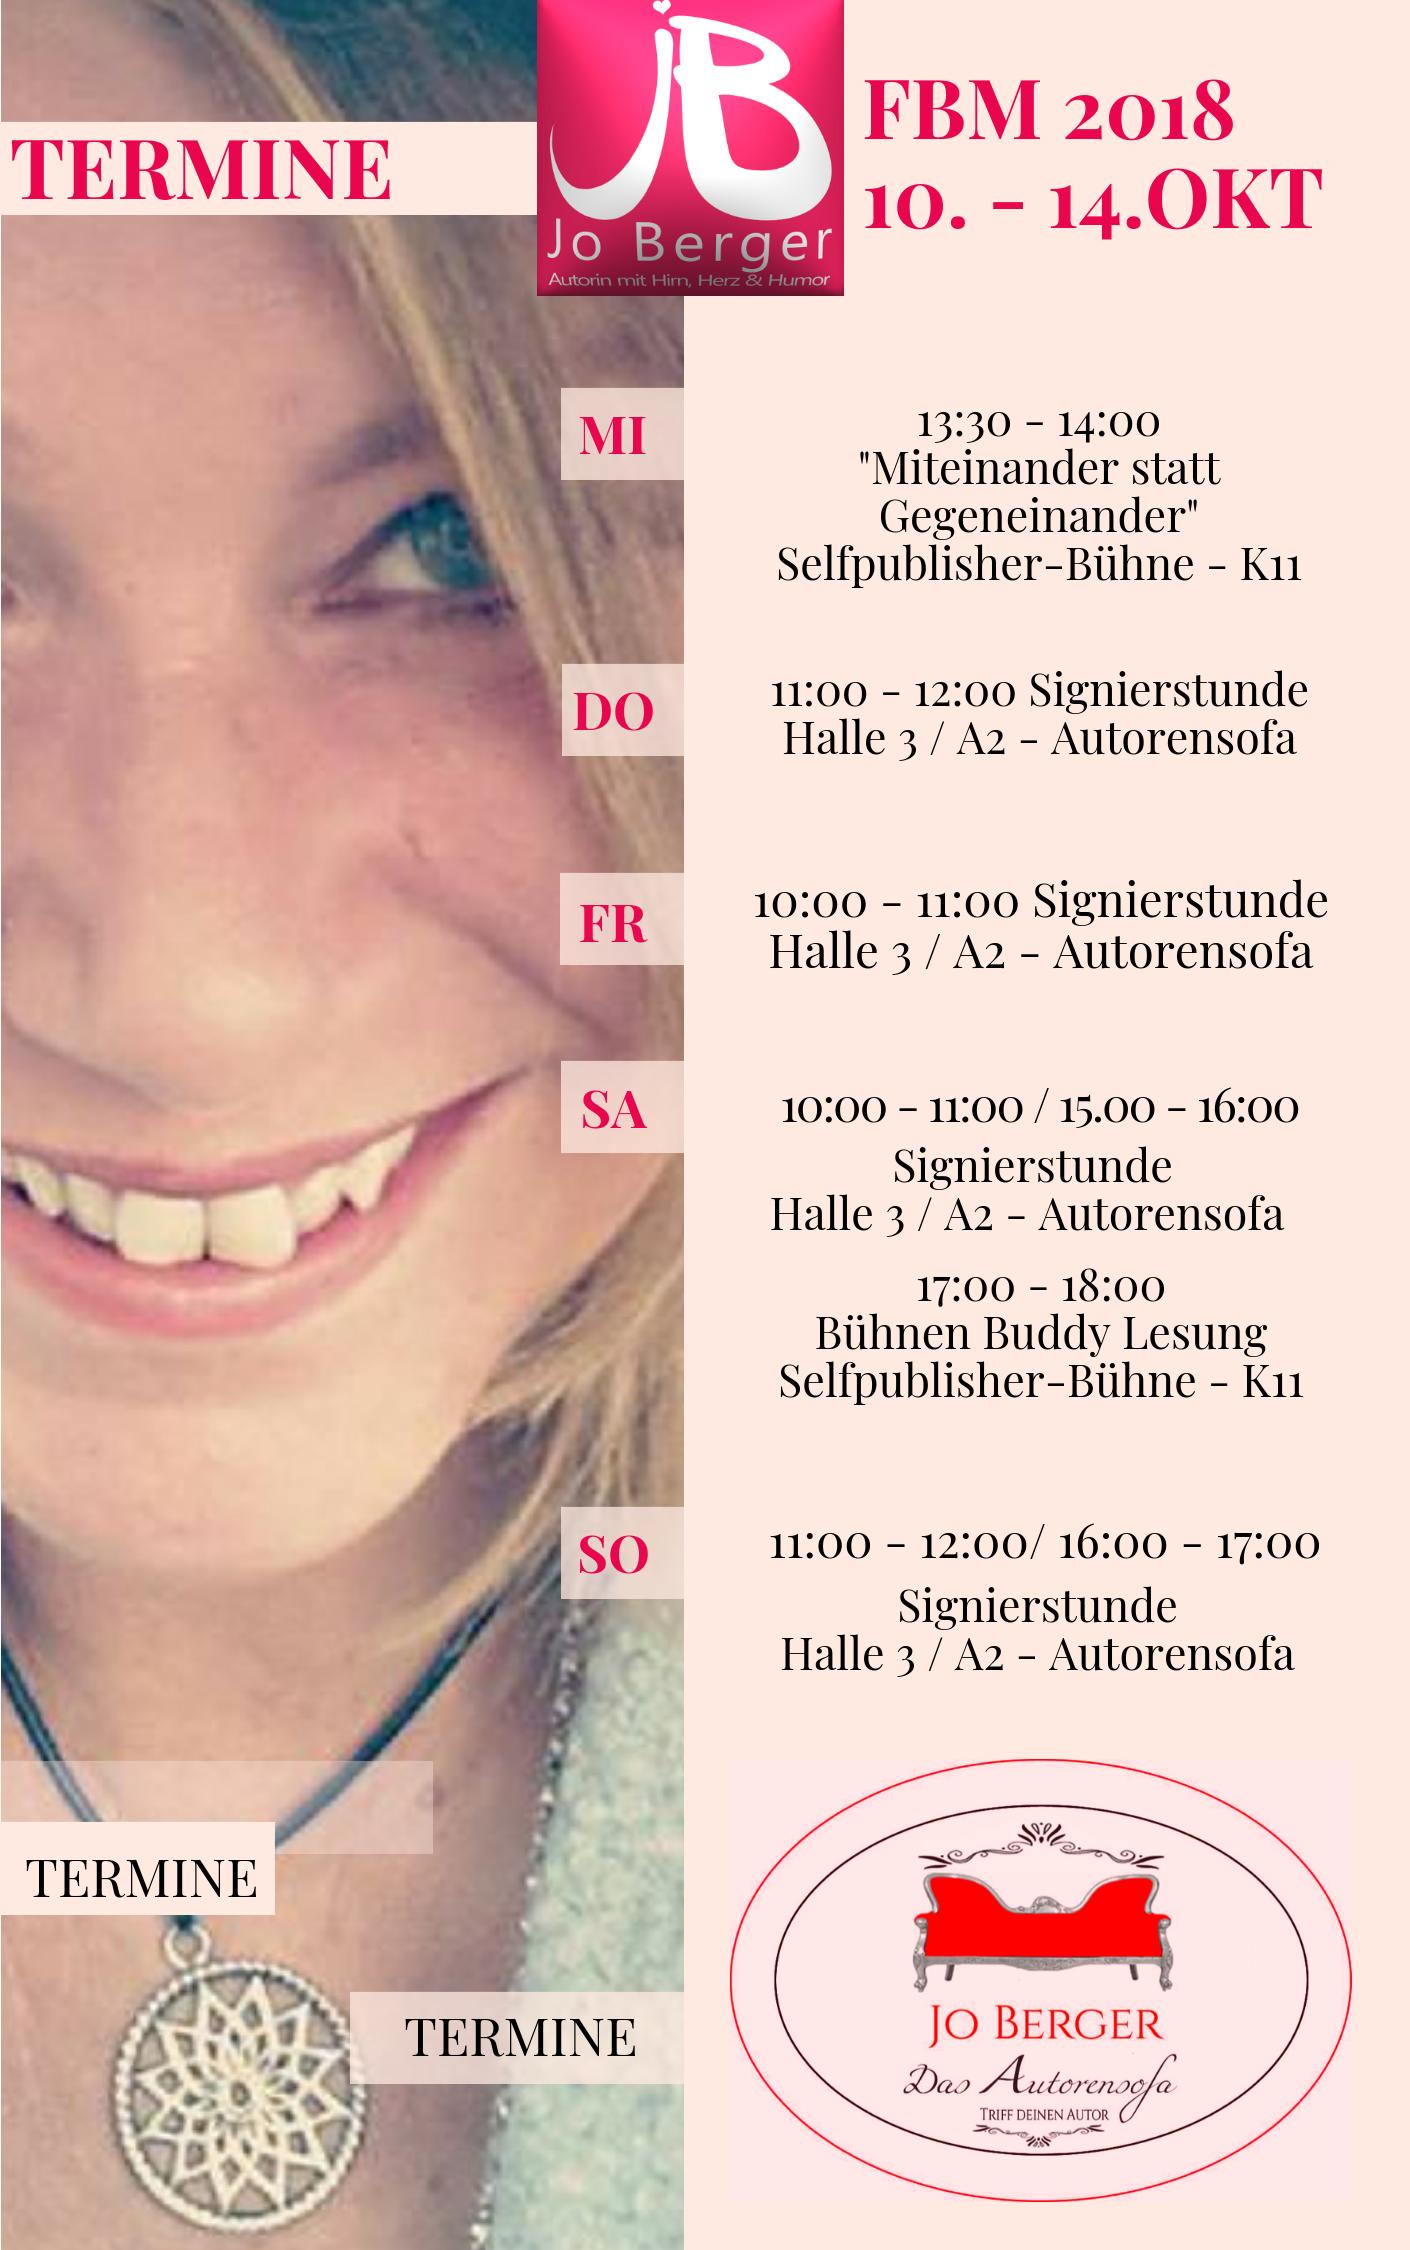 Frankfurter Buchmesse 2018 Terminei Jo Berger